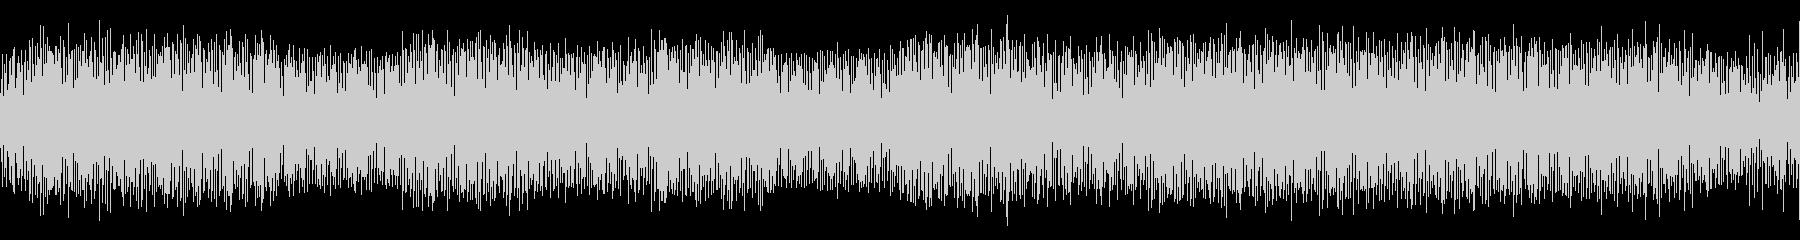 ポップで小粋なテクノミュージックの未再生の波形